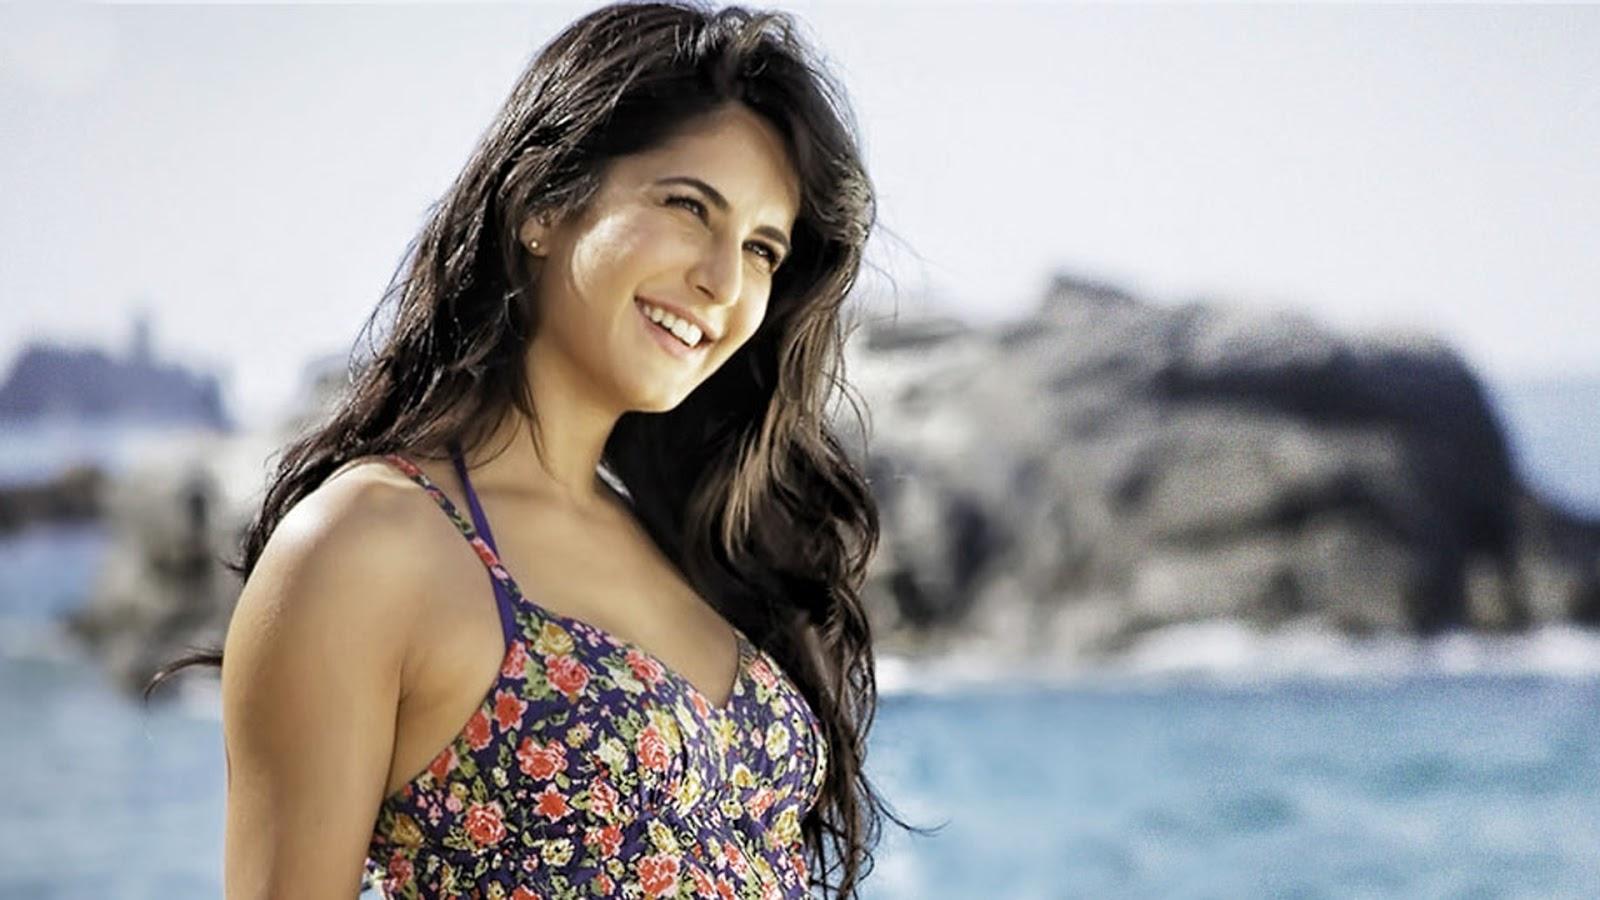 11 bollywood actress katrina kaif hd wallpaper download ||bikini hd